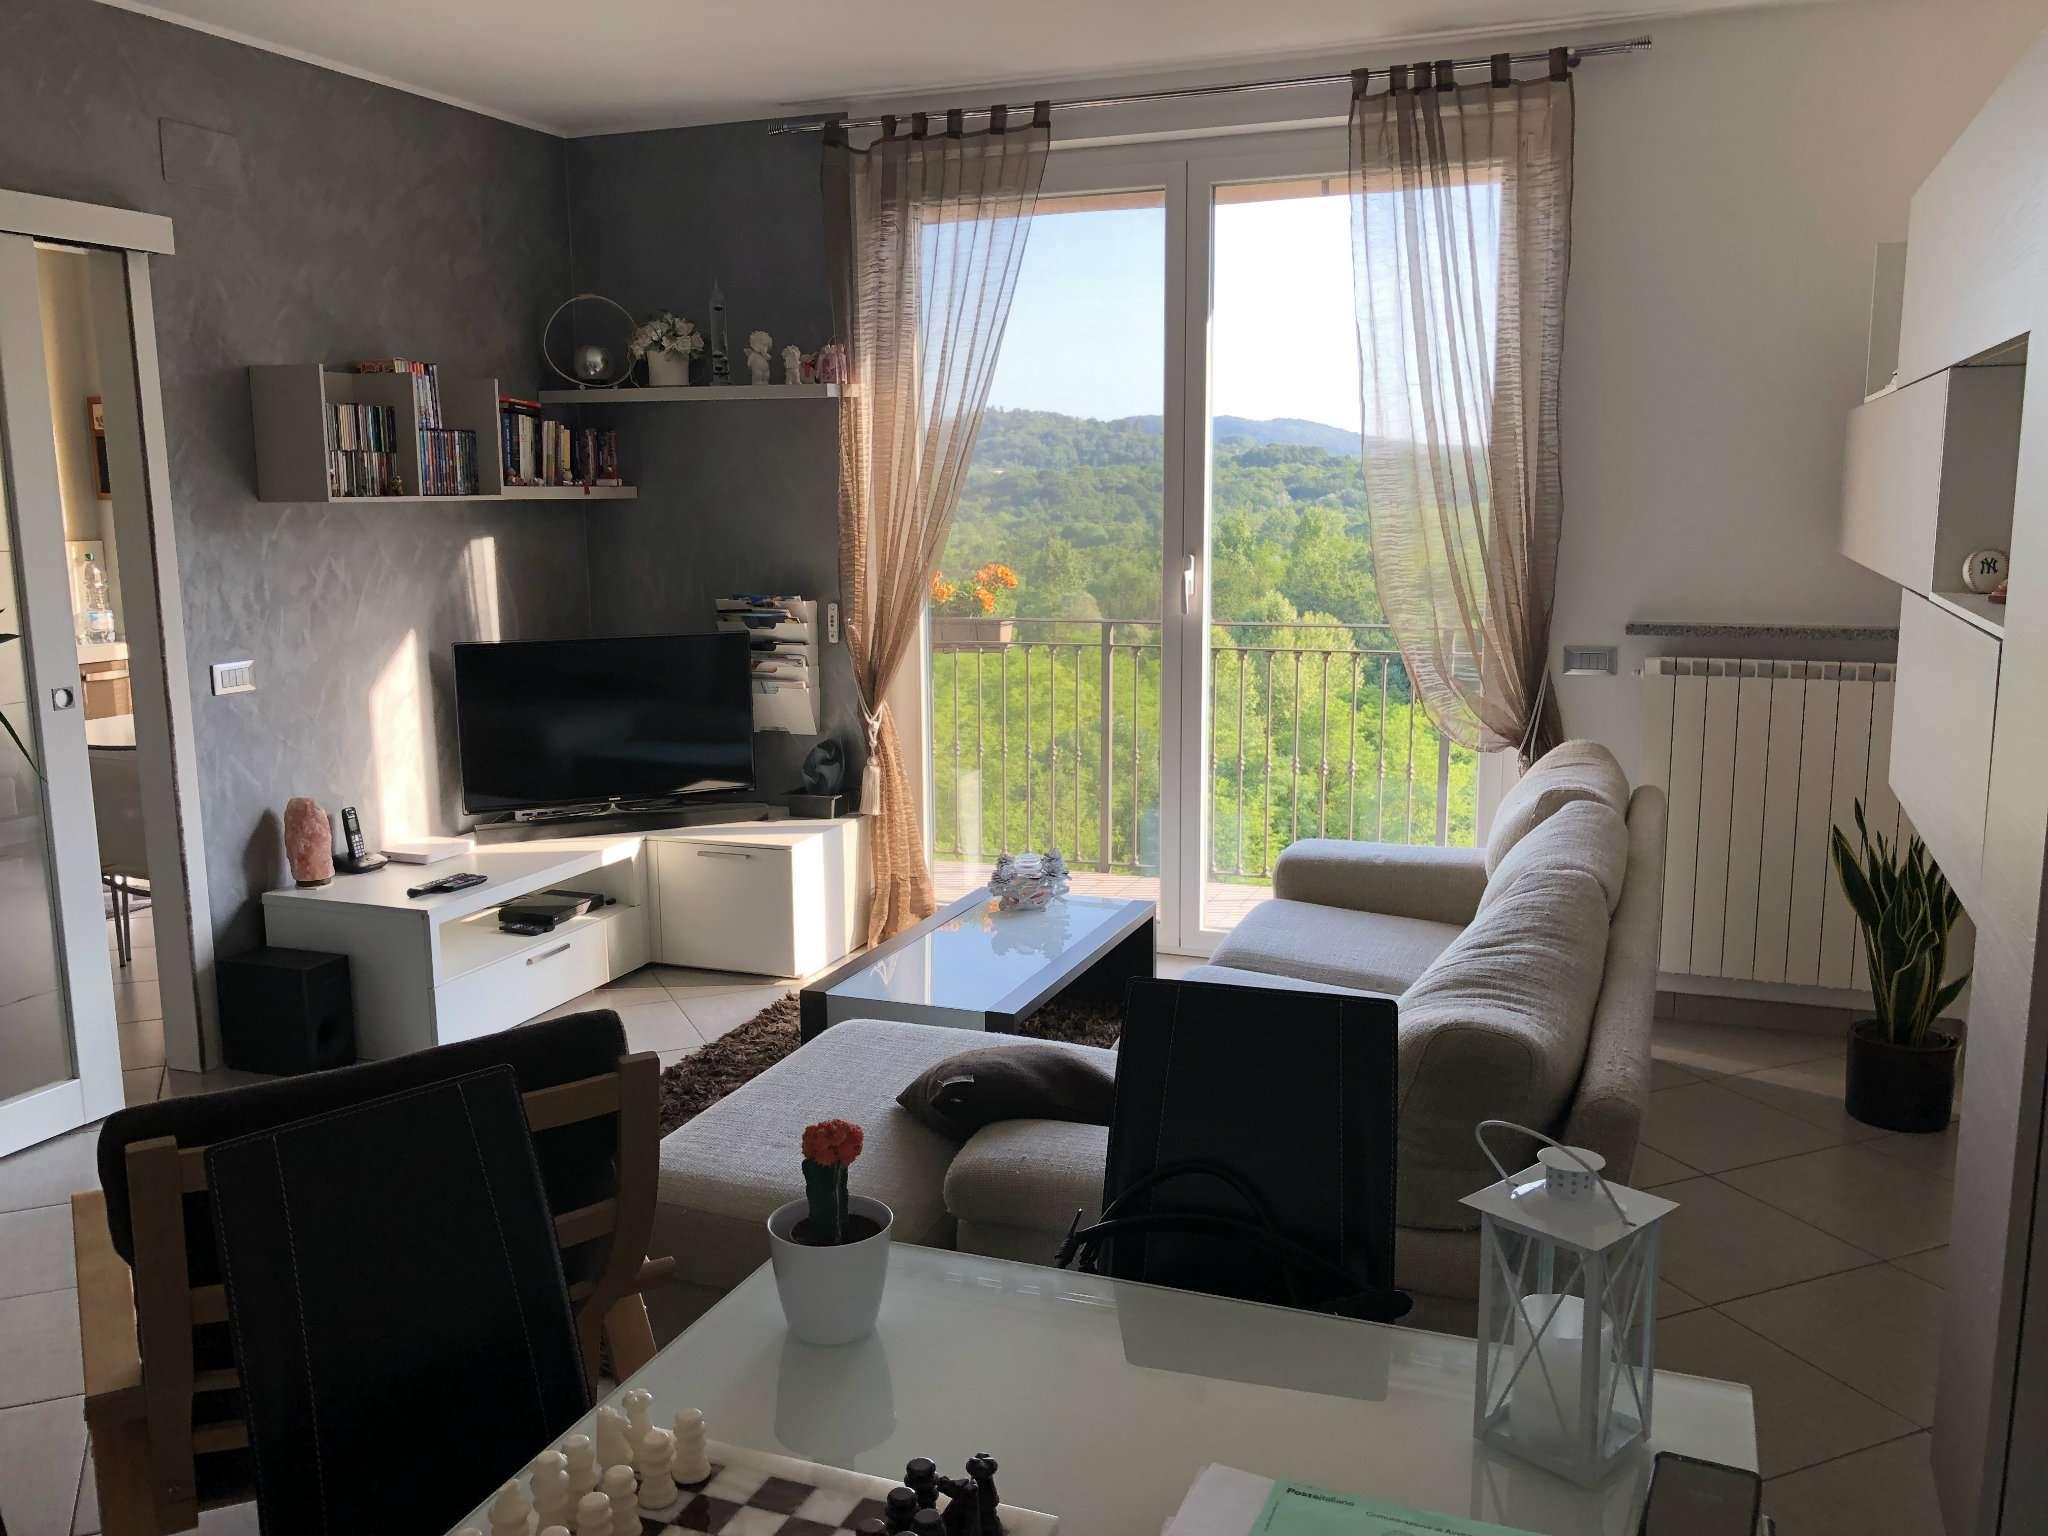 Appartamento in vendita a Bregano, 3 locali, prezzo € 175.000 | CambioCasa.it